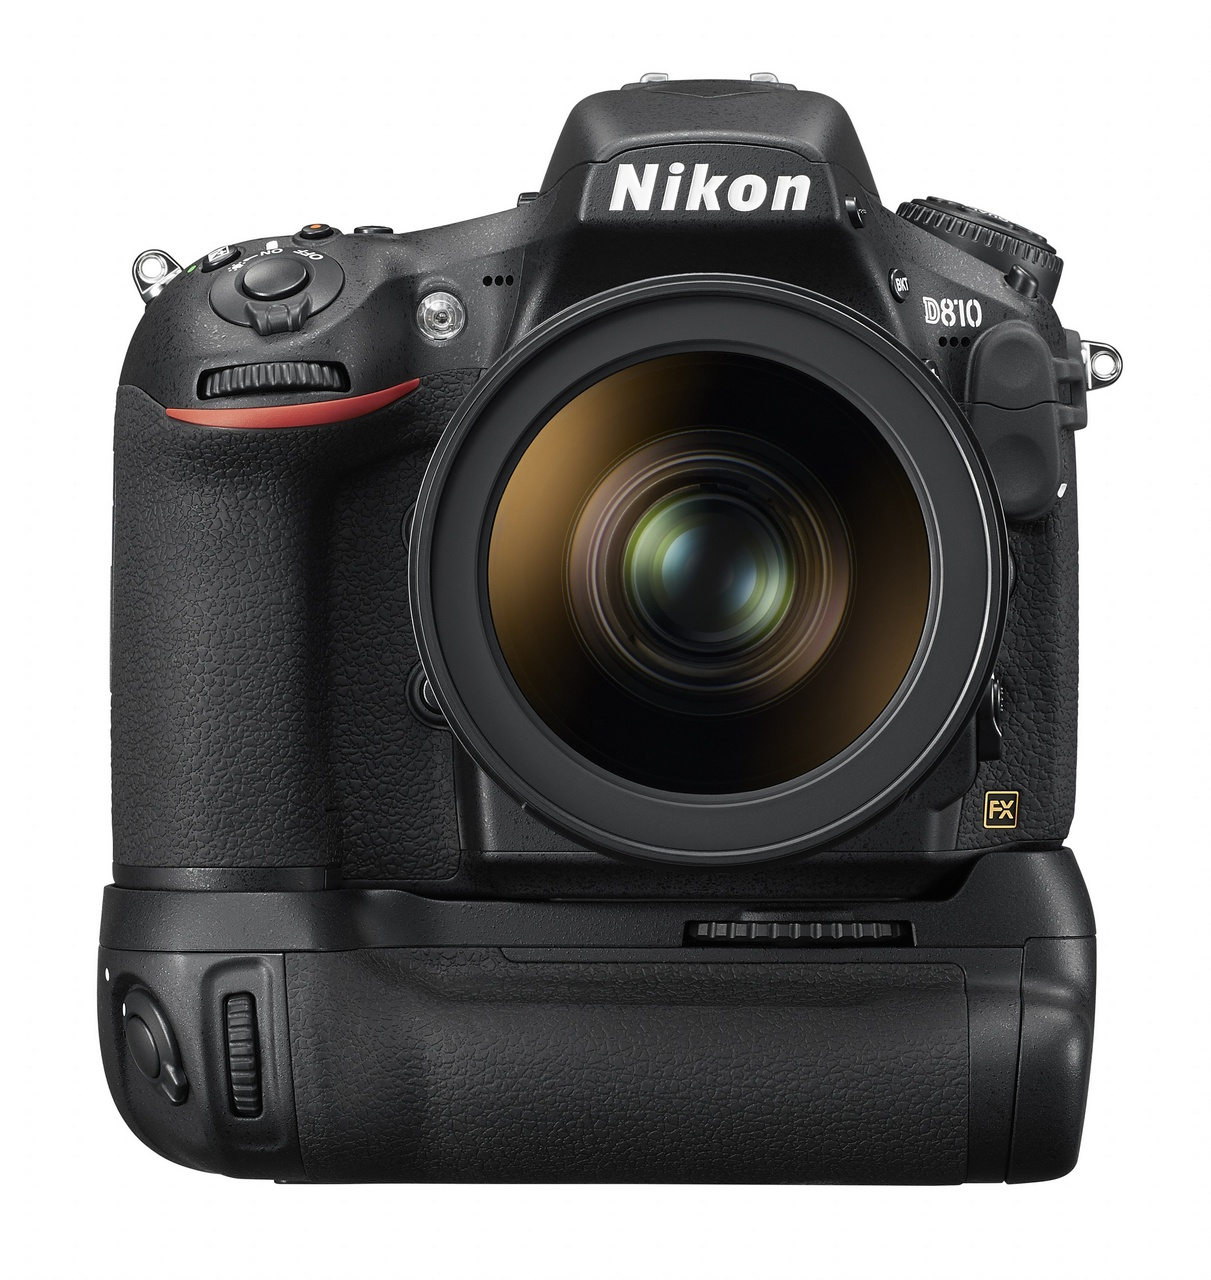 Nikon D810 + Nikkor 24-70mm